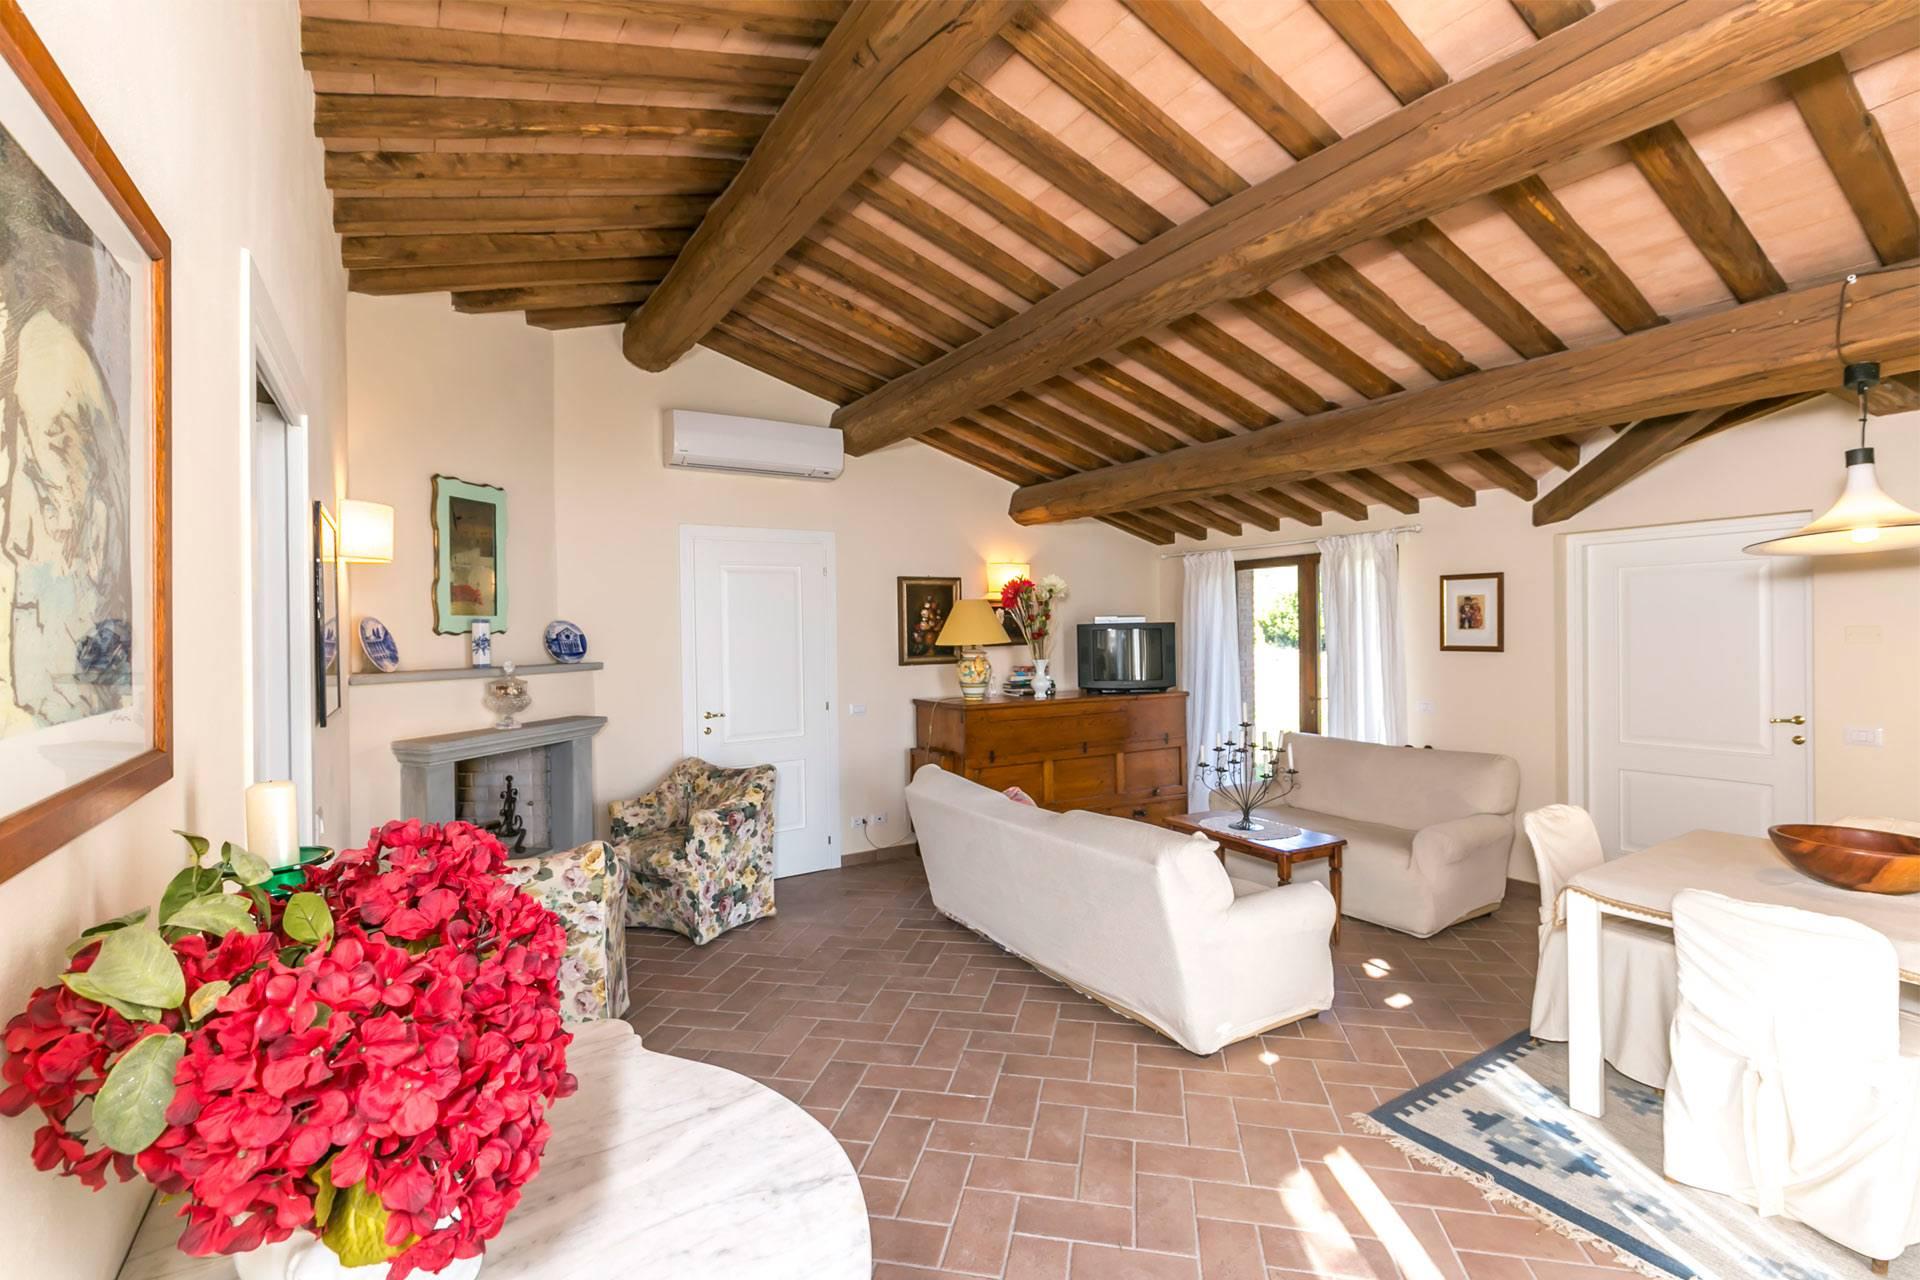 Una splendida proprietà disposta principalmente su un unico piano con grande locale accessorio al piano interrato, con giardino esclusivo e recintato